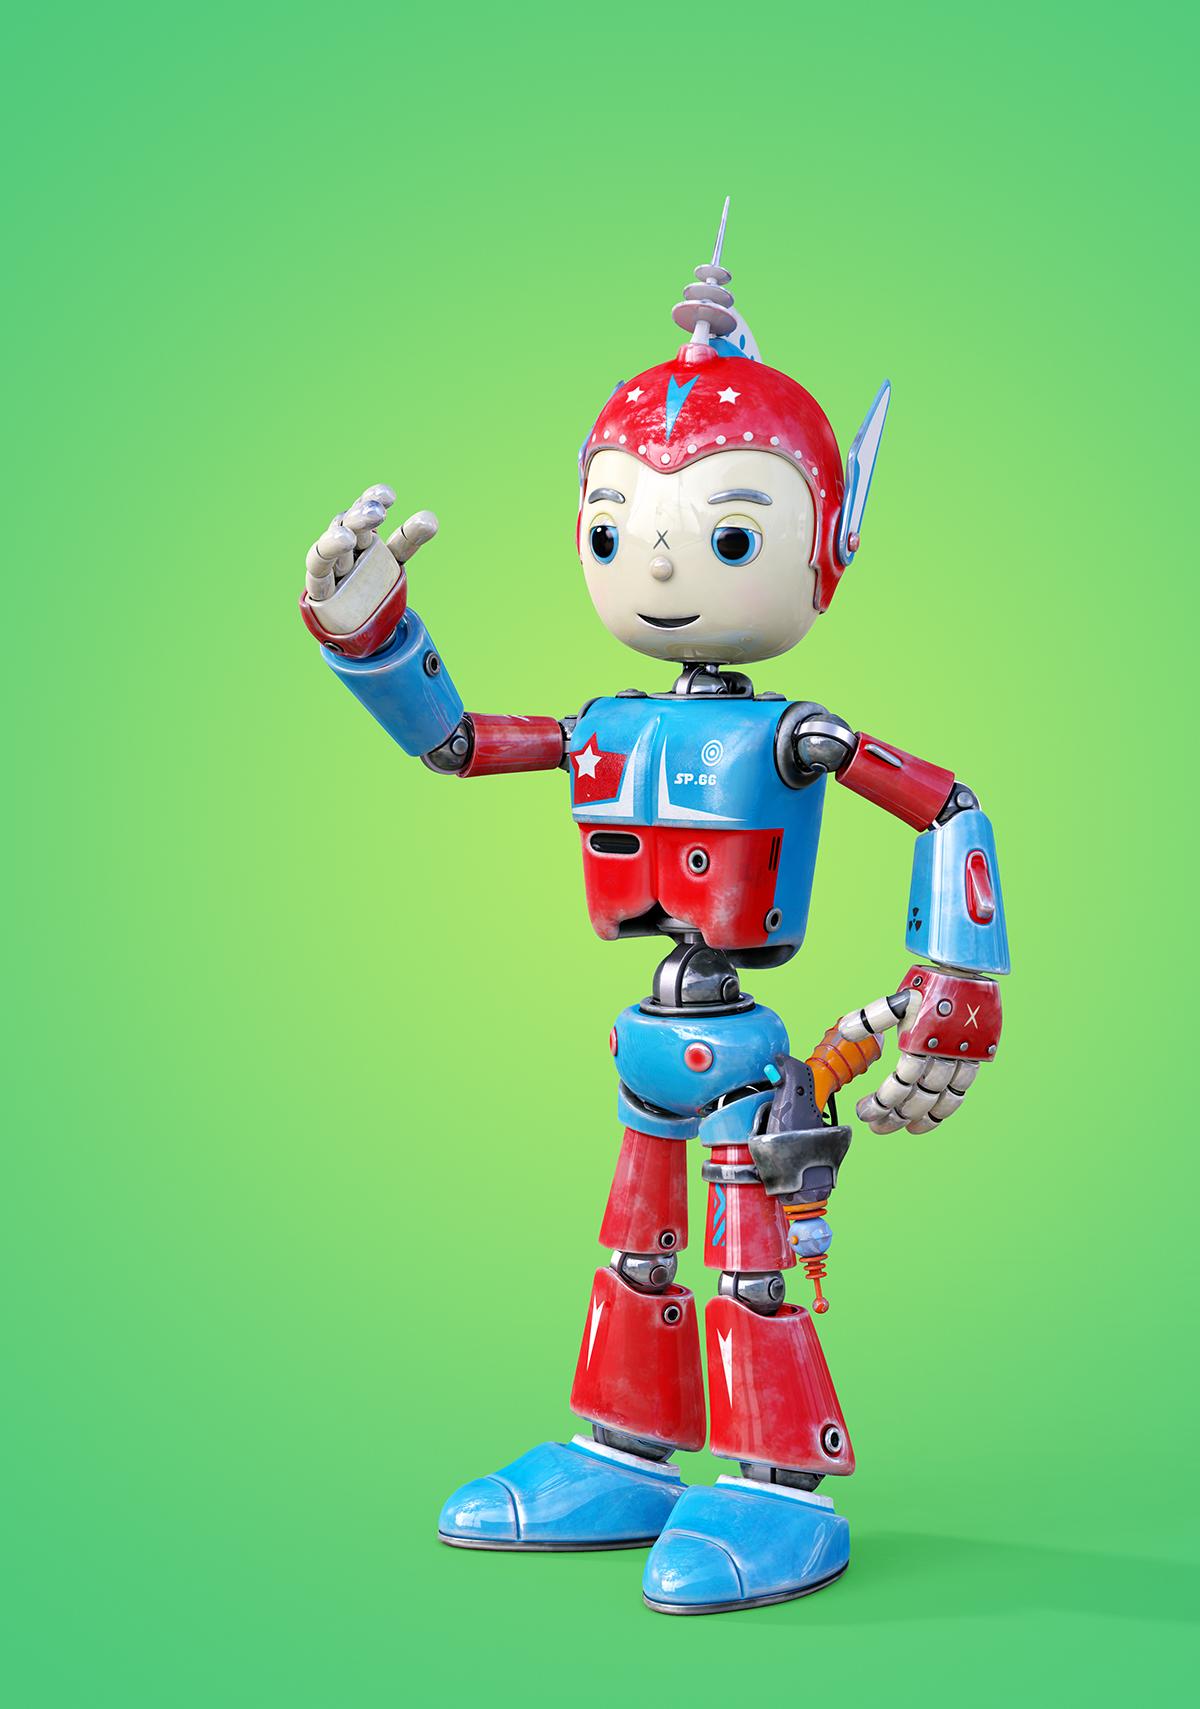 robo-boy-space-navy-suit